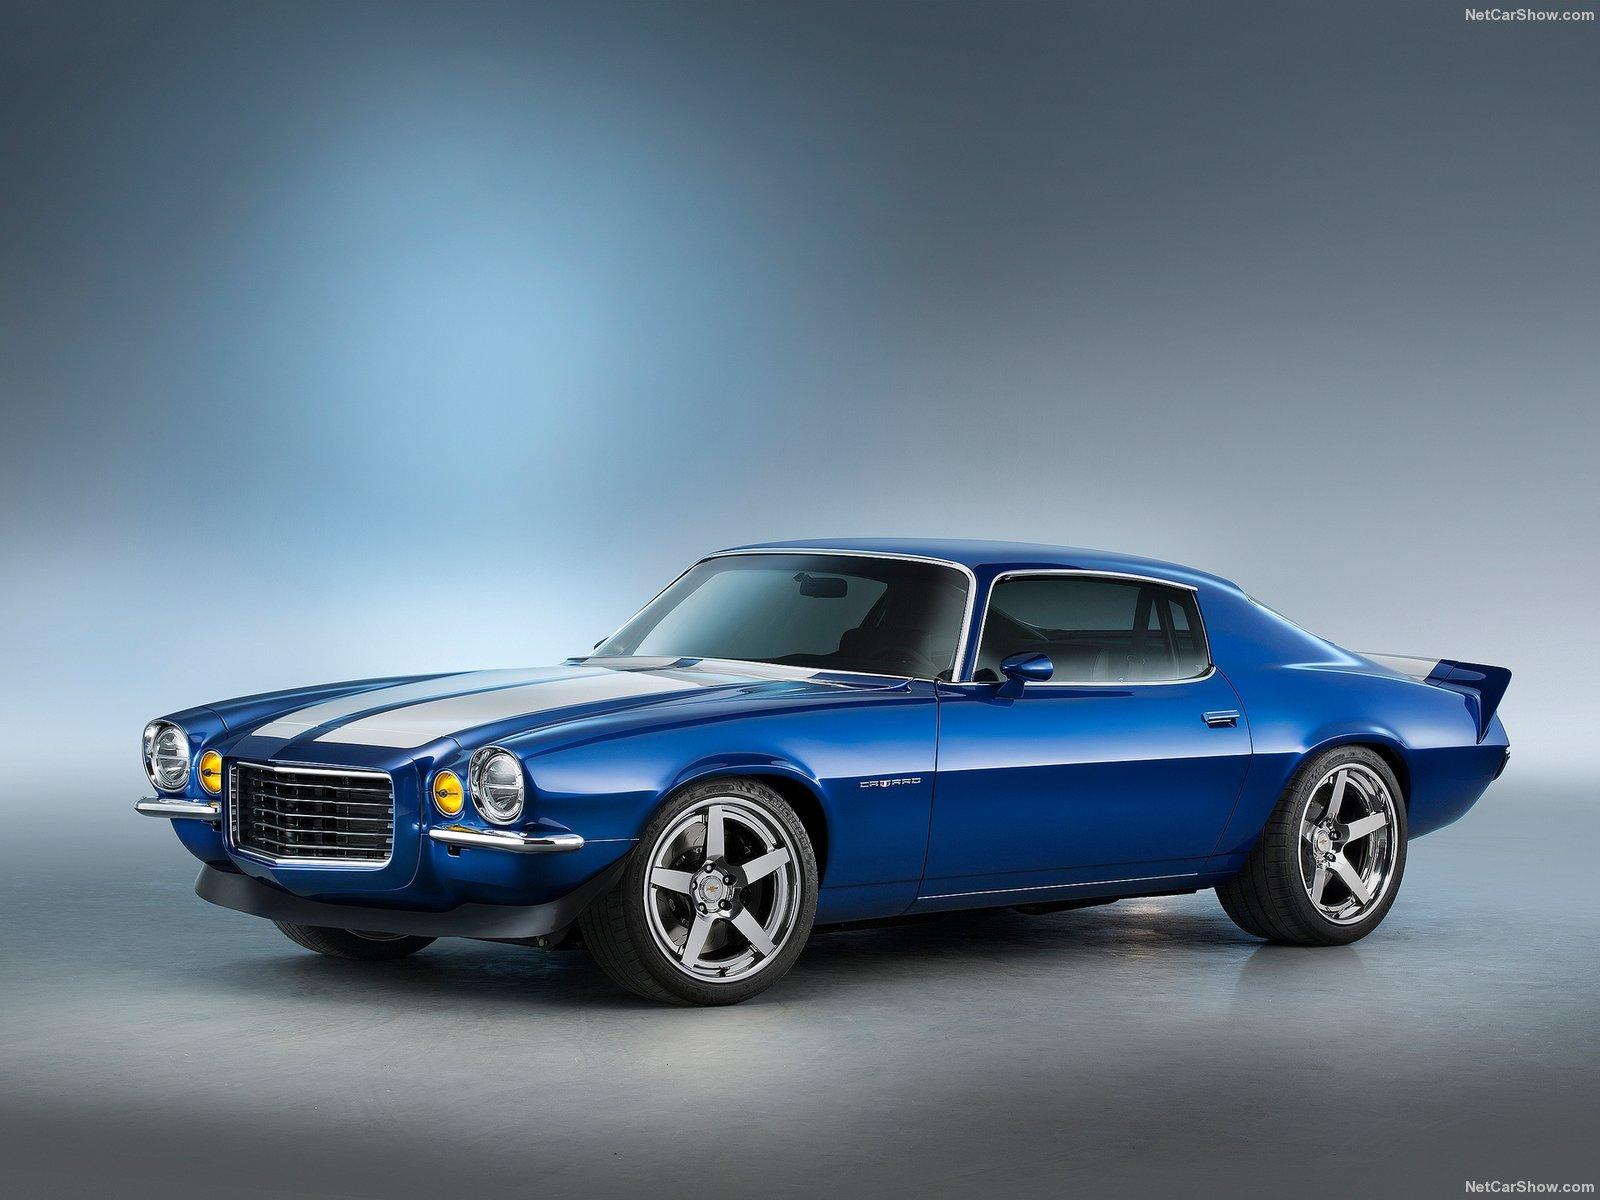 Een klassieke camaro uit 1970 met een supercharged 6 2 liter lt4 motor uit de corvette z06 een combinatie van oud en nieuw die 650 bulderende paarden onder